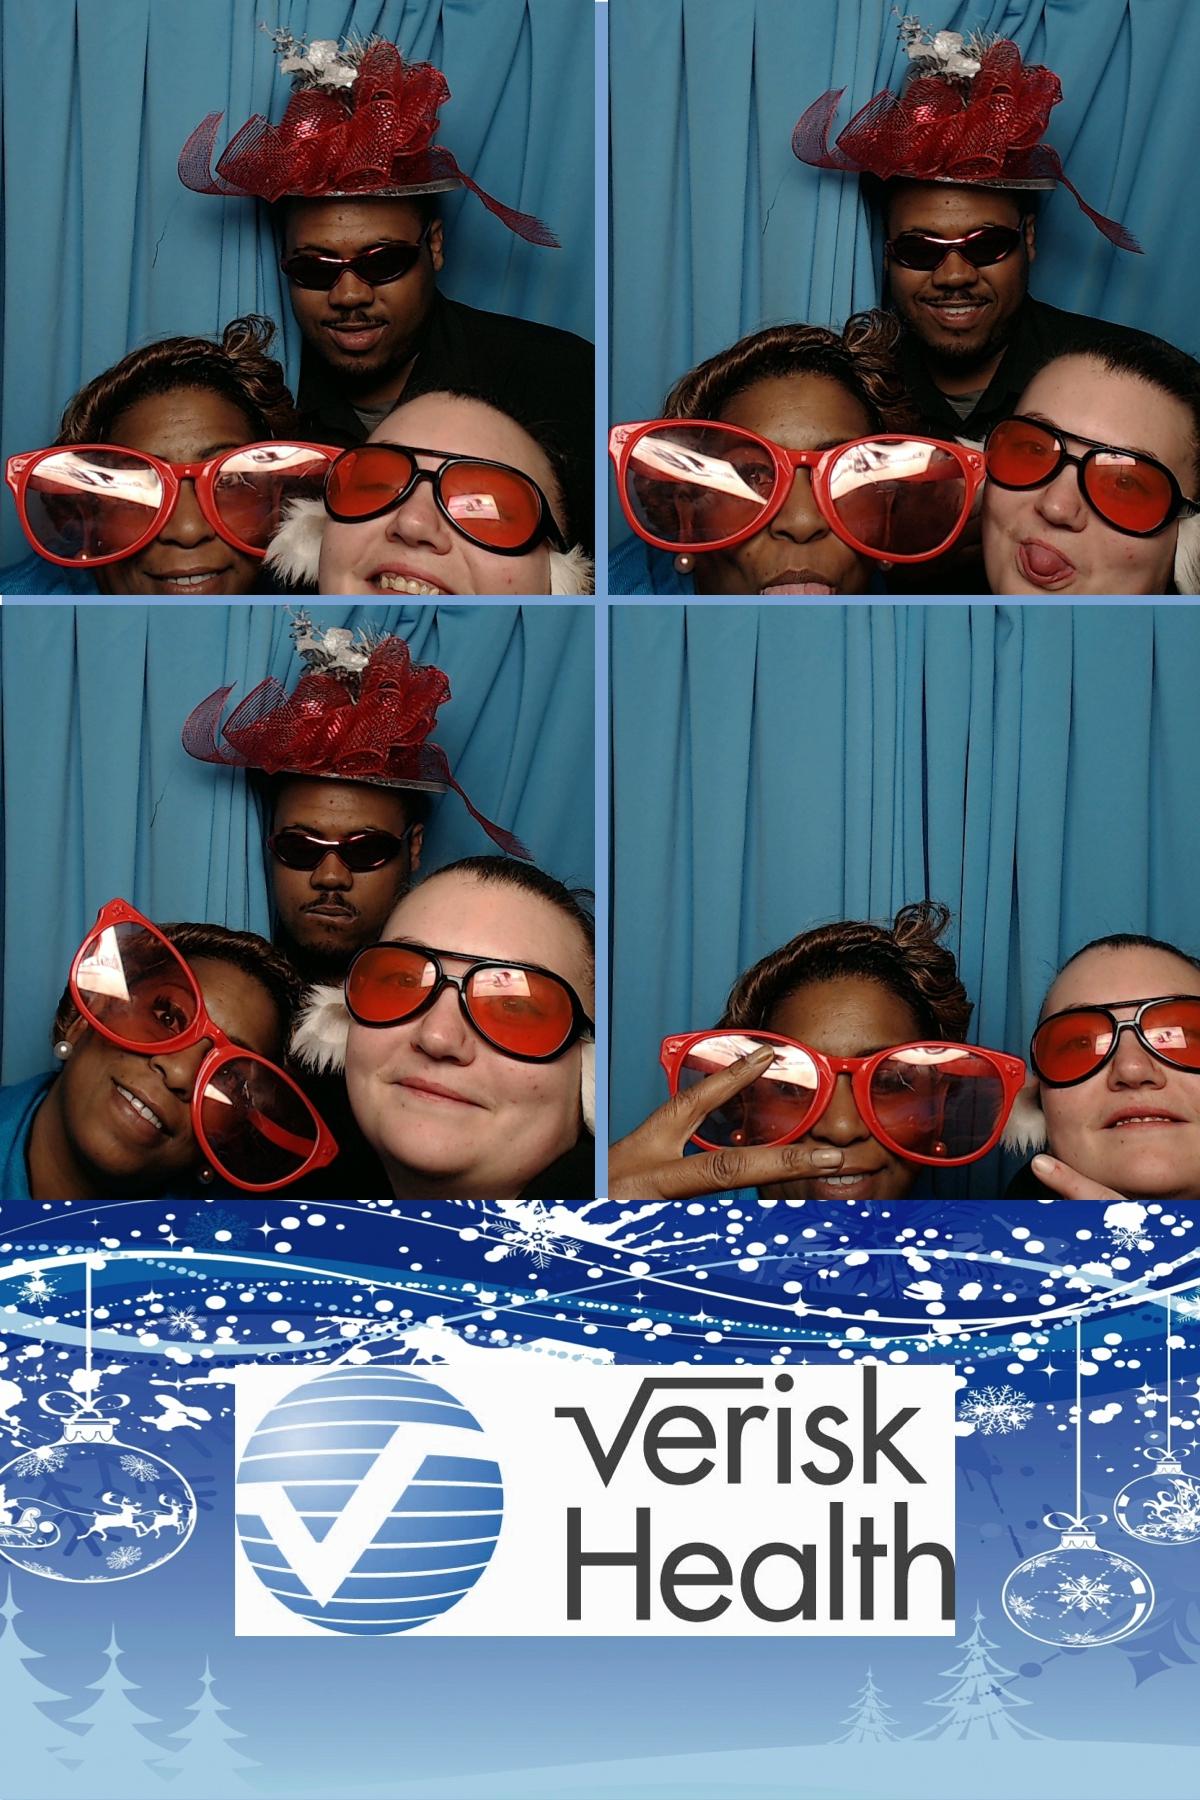 Verisk Dec 5 2014